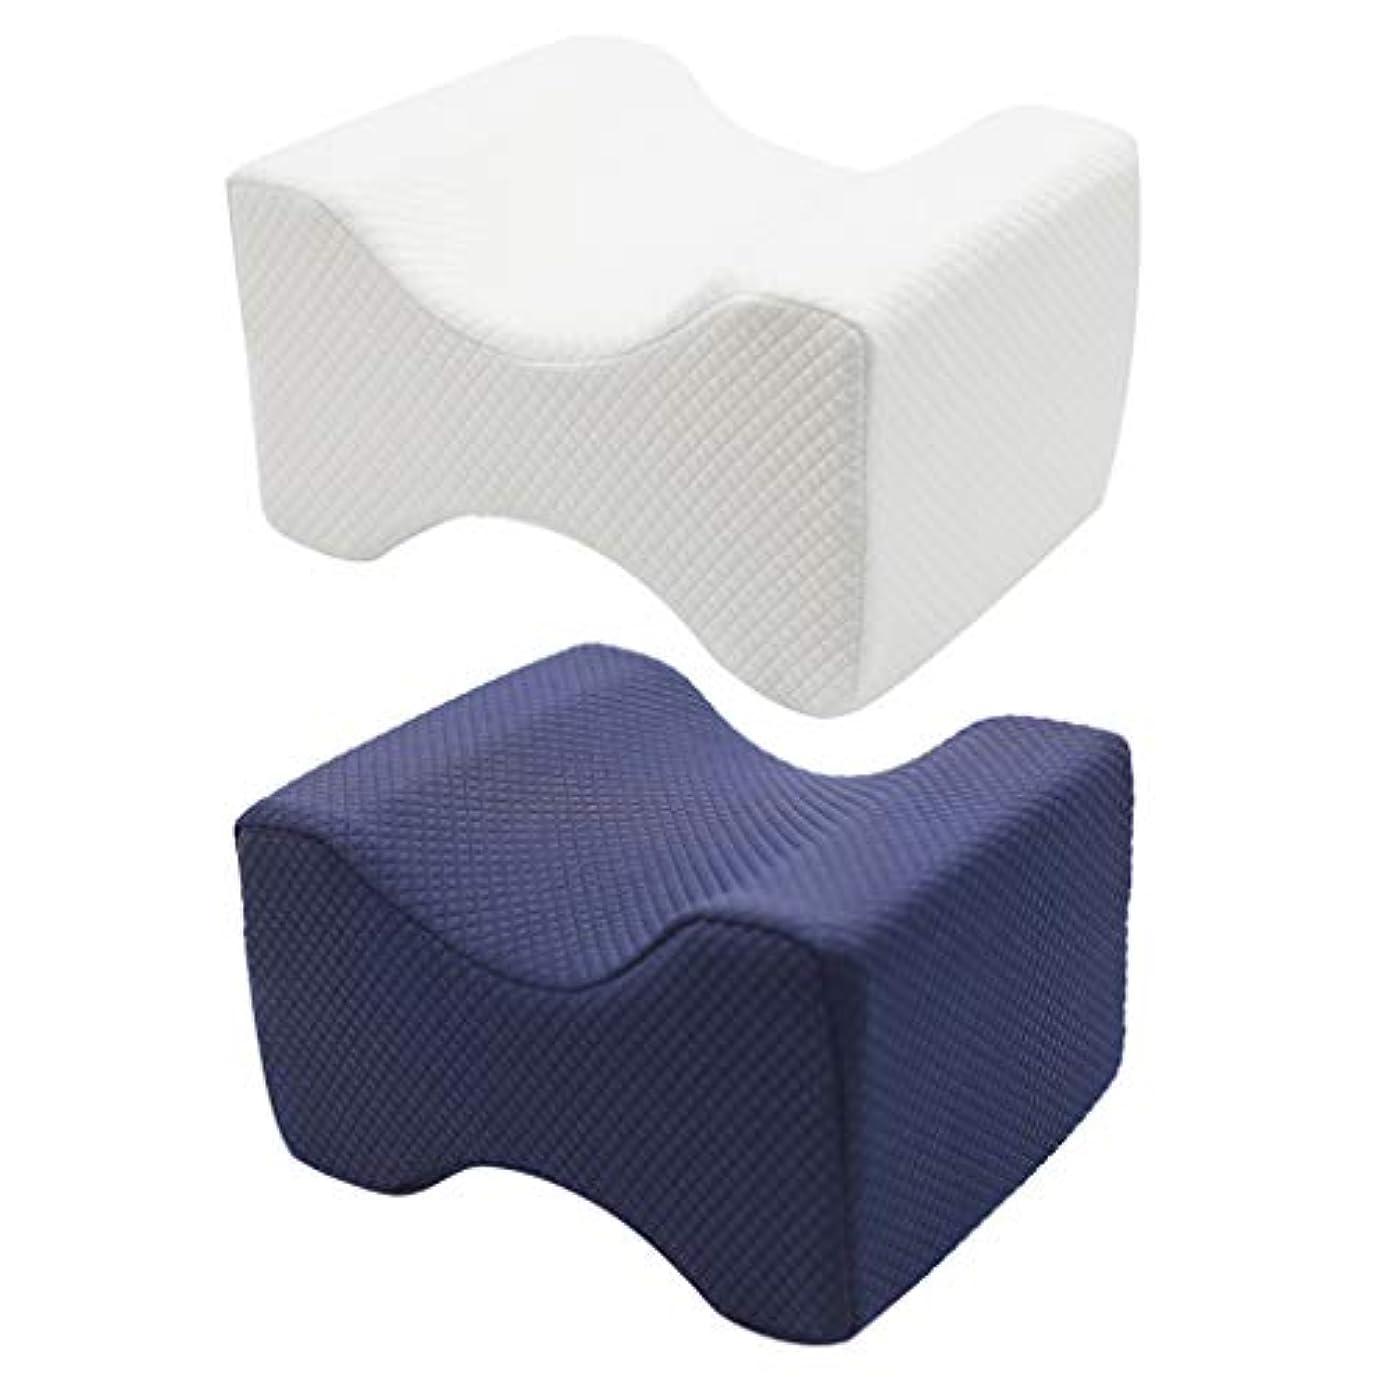 迷路司令官物理Sharrring記憶枕 肩こり対策 まくら 低反発枕、快眠枕 首?頭?肩 頸椎サポート 頭痛改善 ストレートネック矯正マクラ (白)